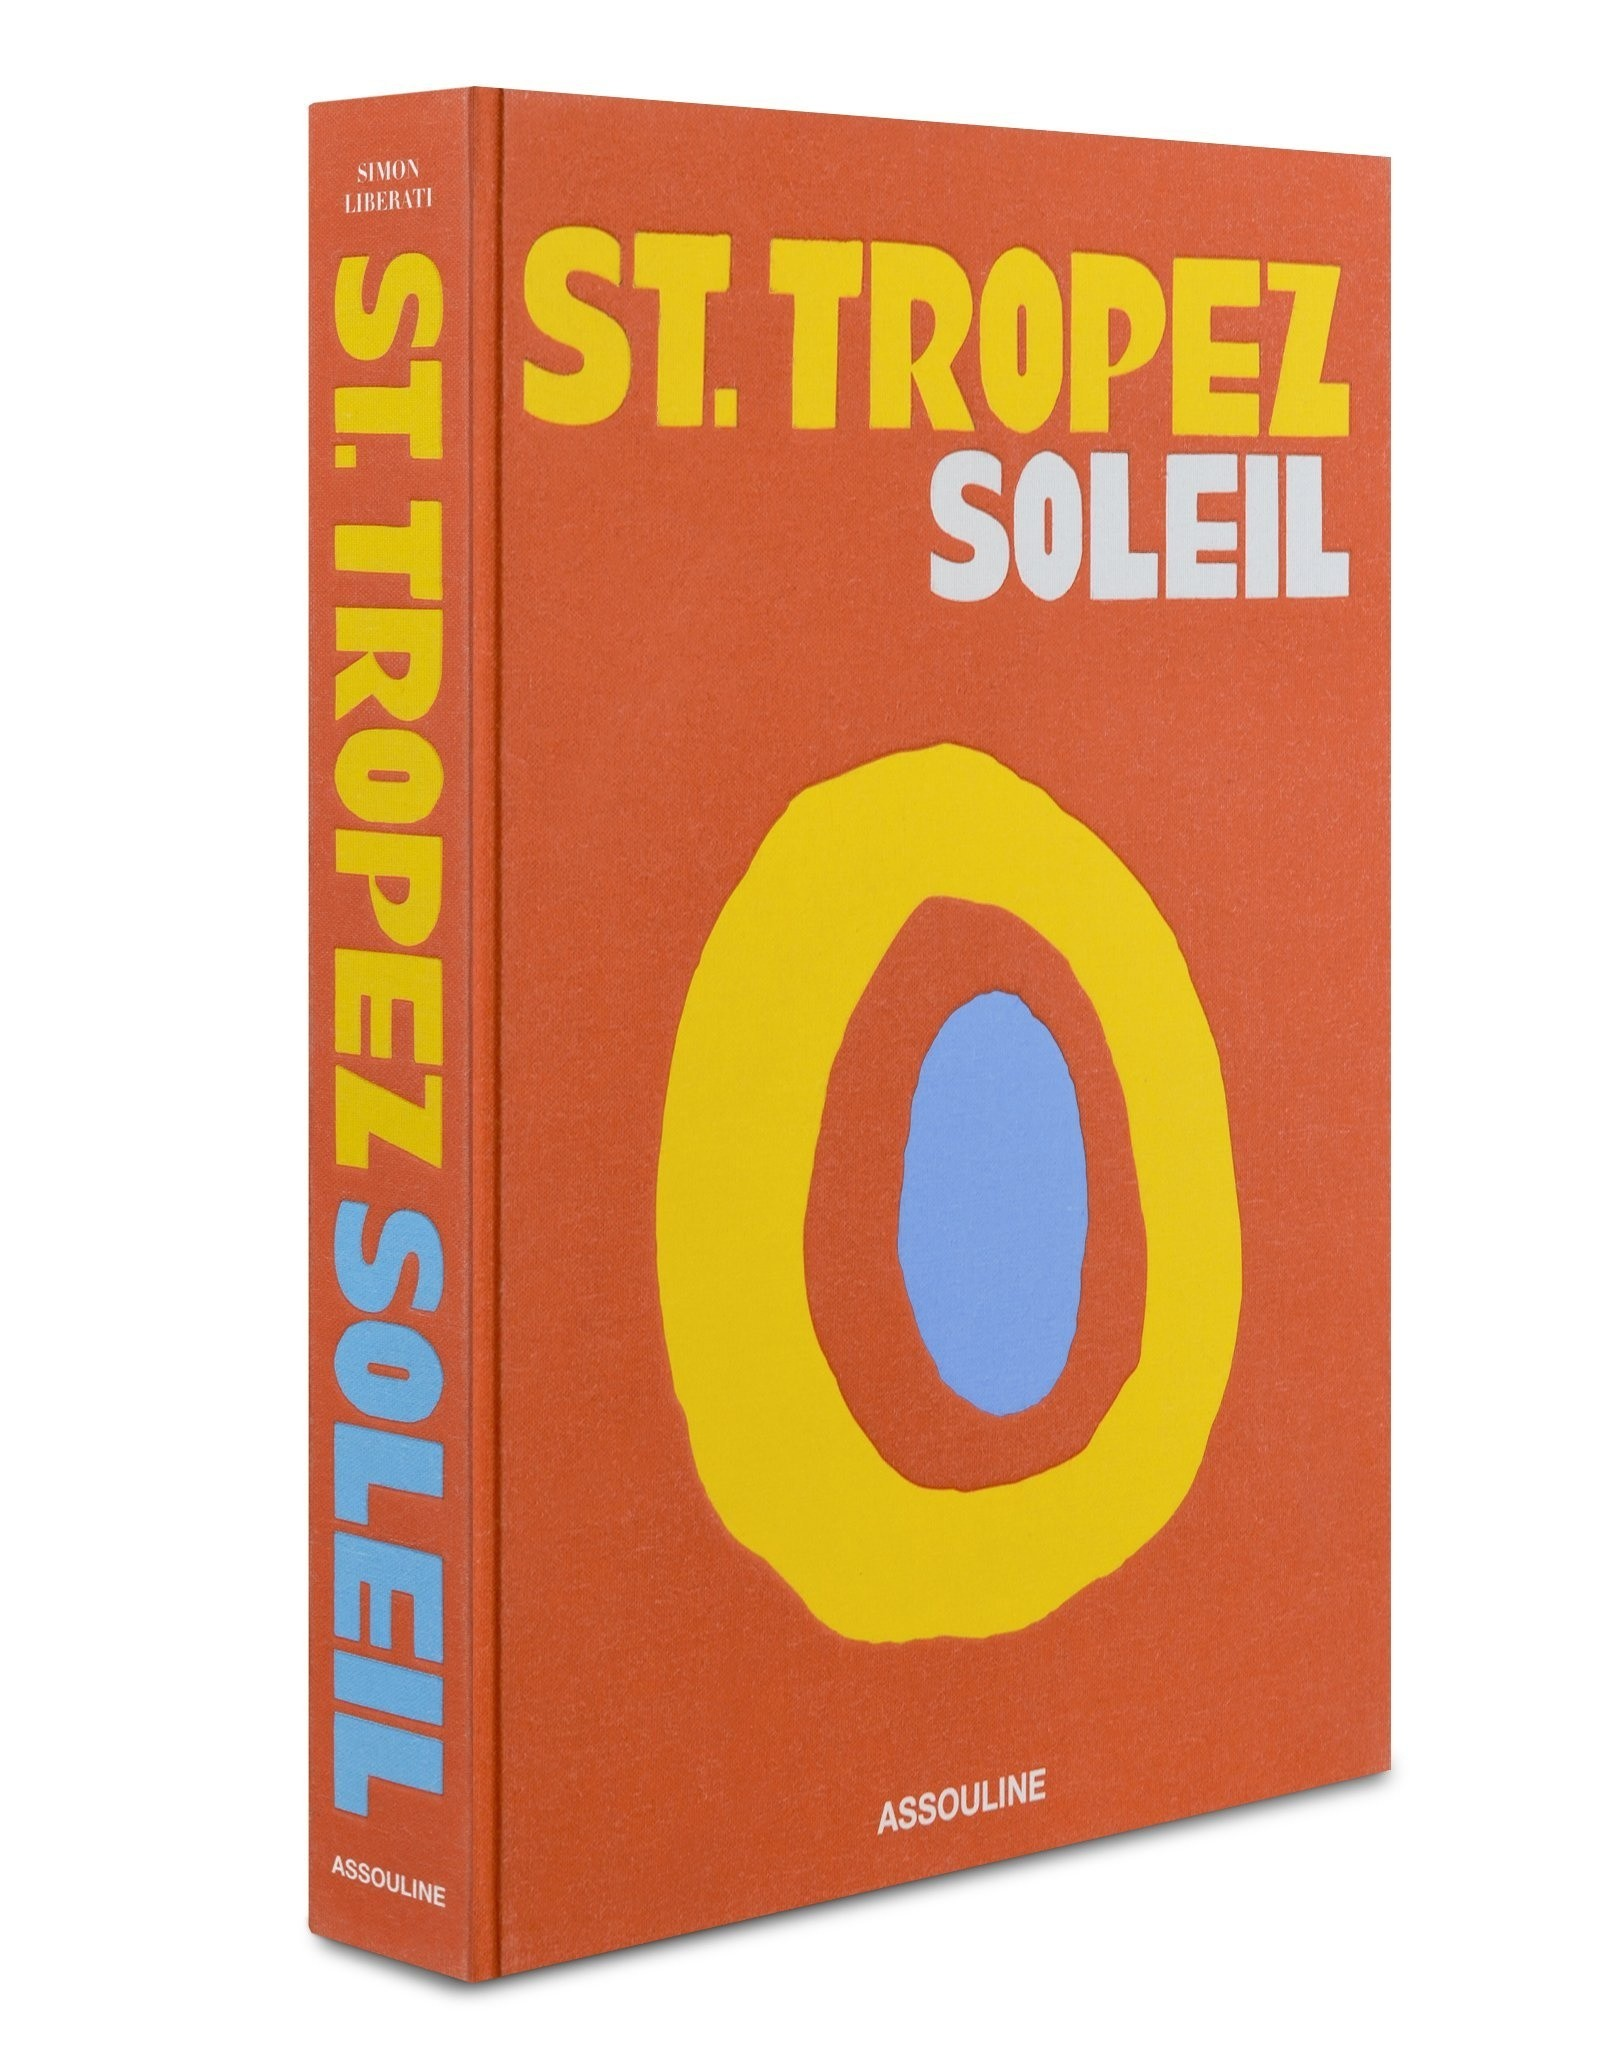 ASSOULINE ST. TROPEZ SOLEIL